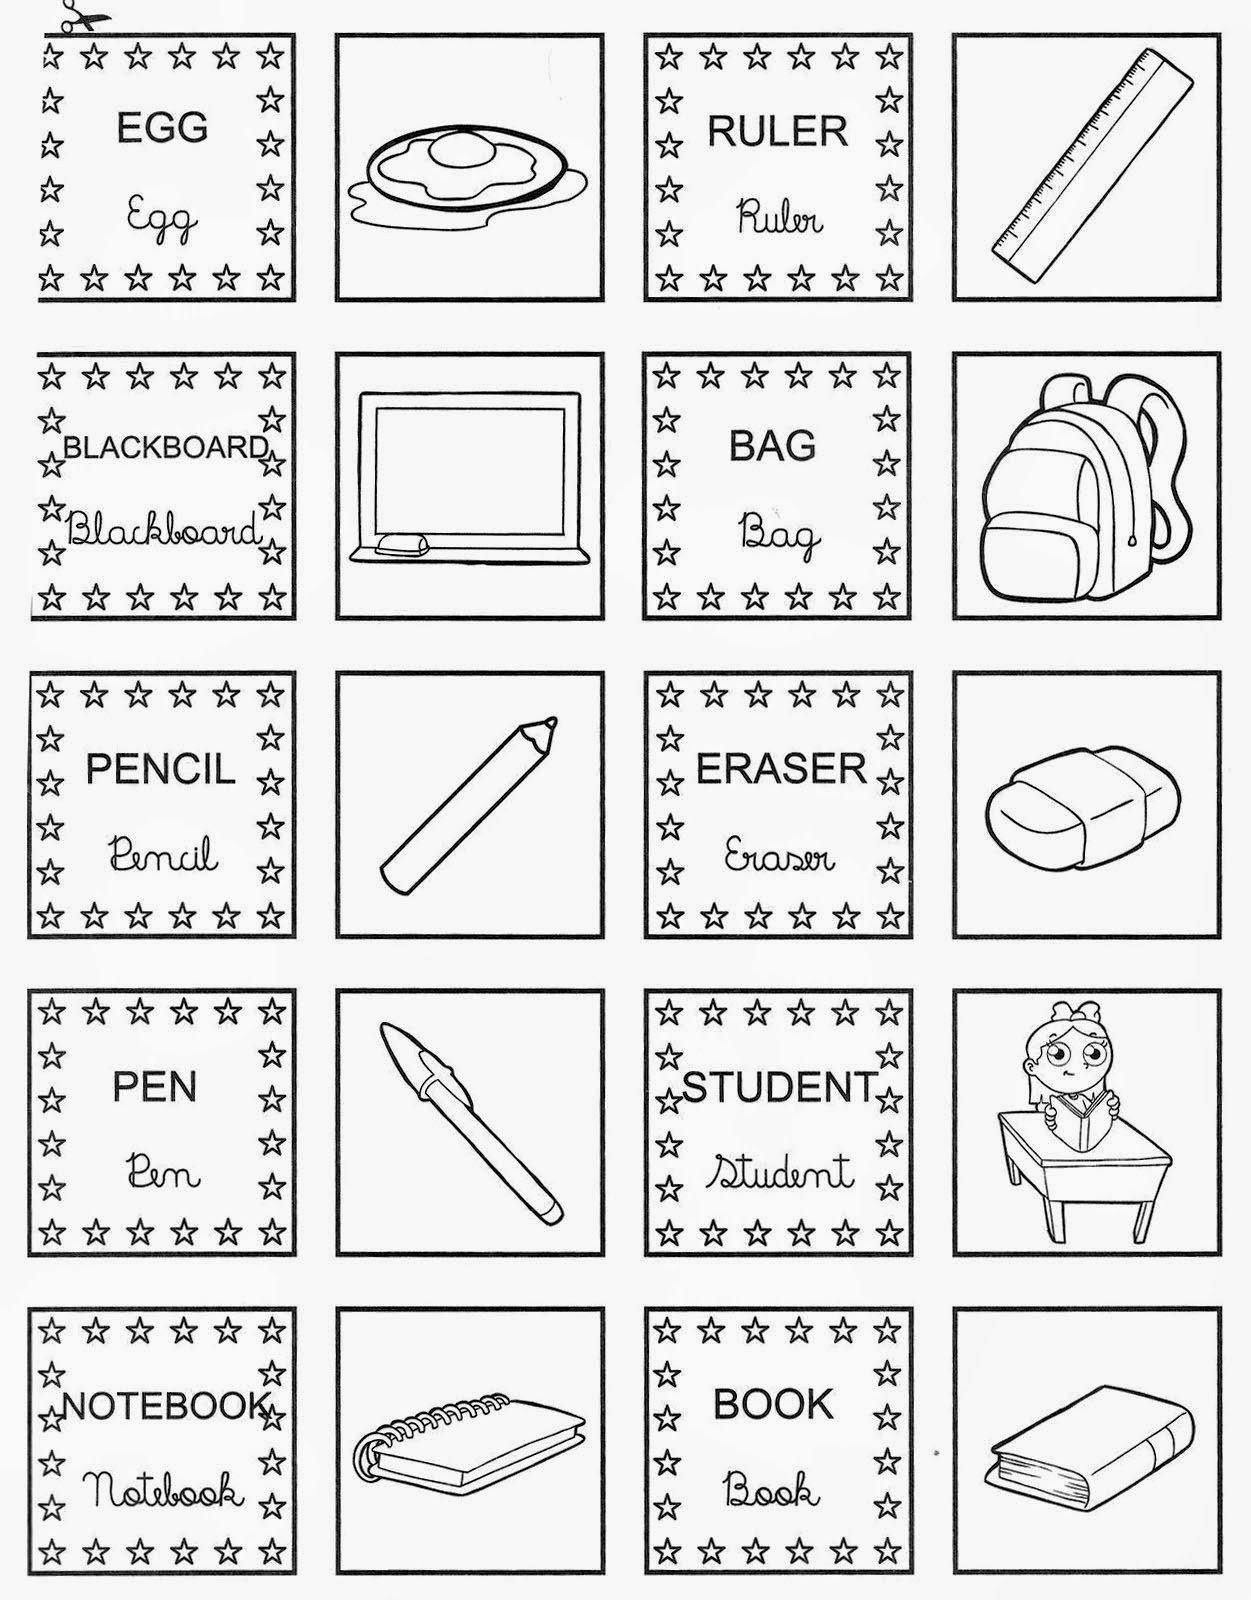 Atividades Para Aprender Ingles Com Imagens